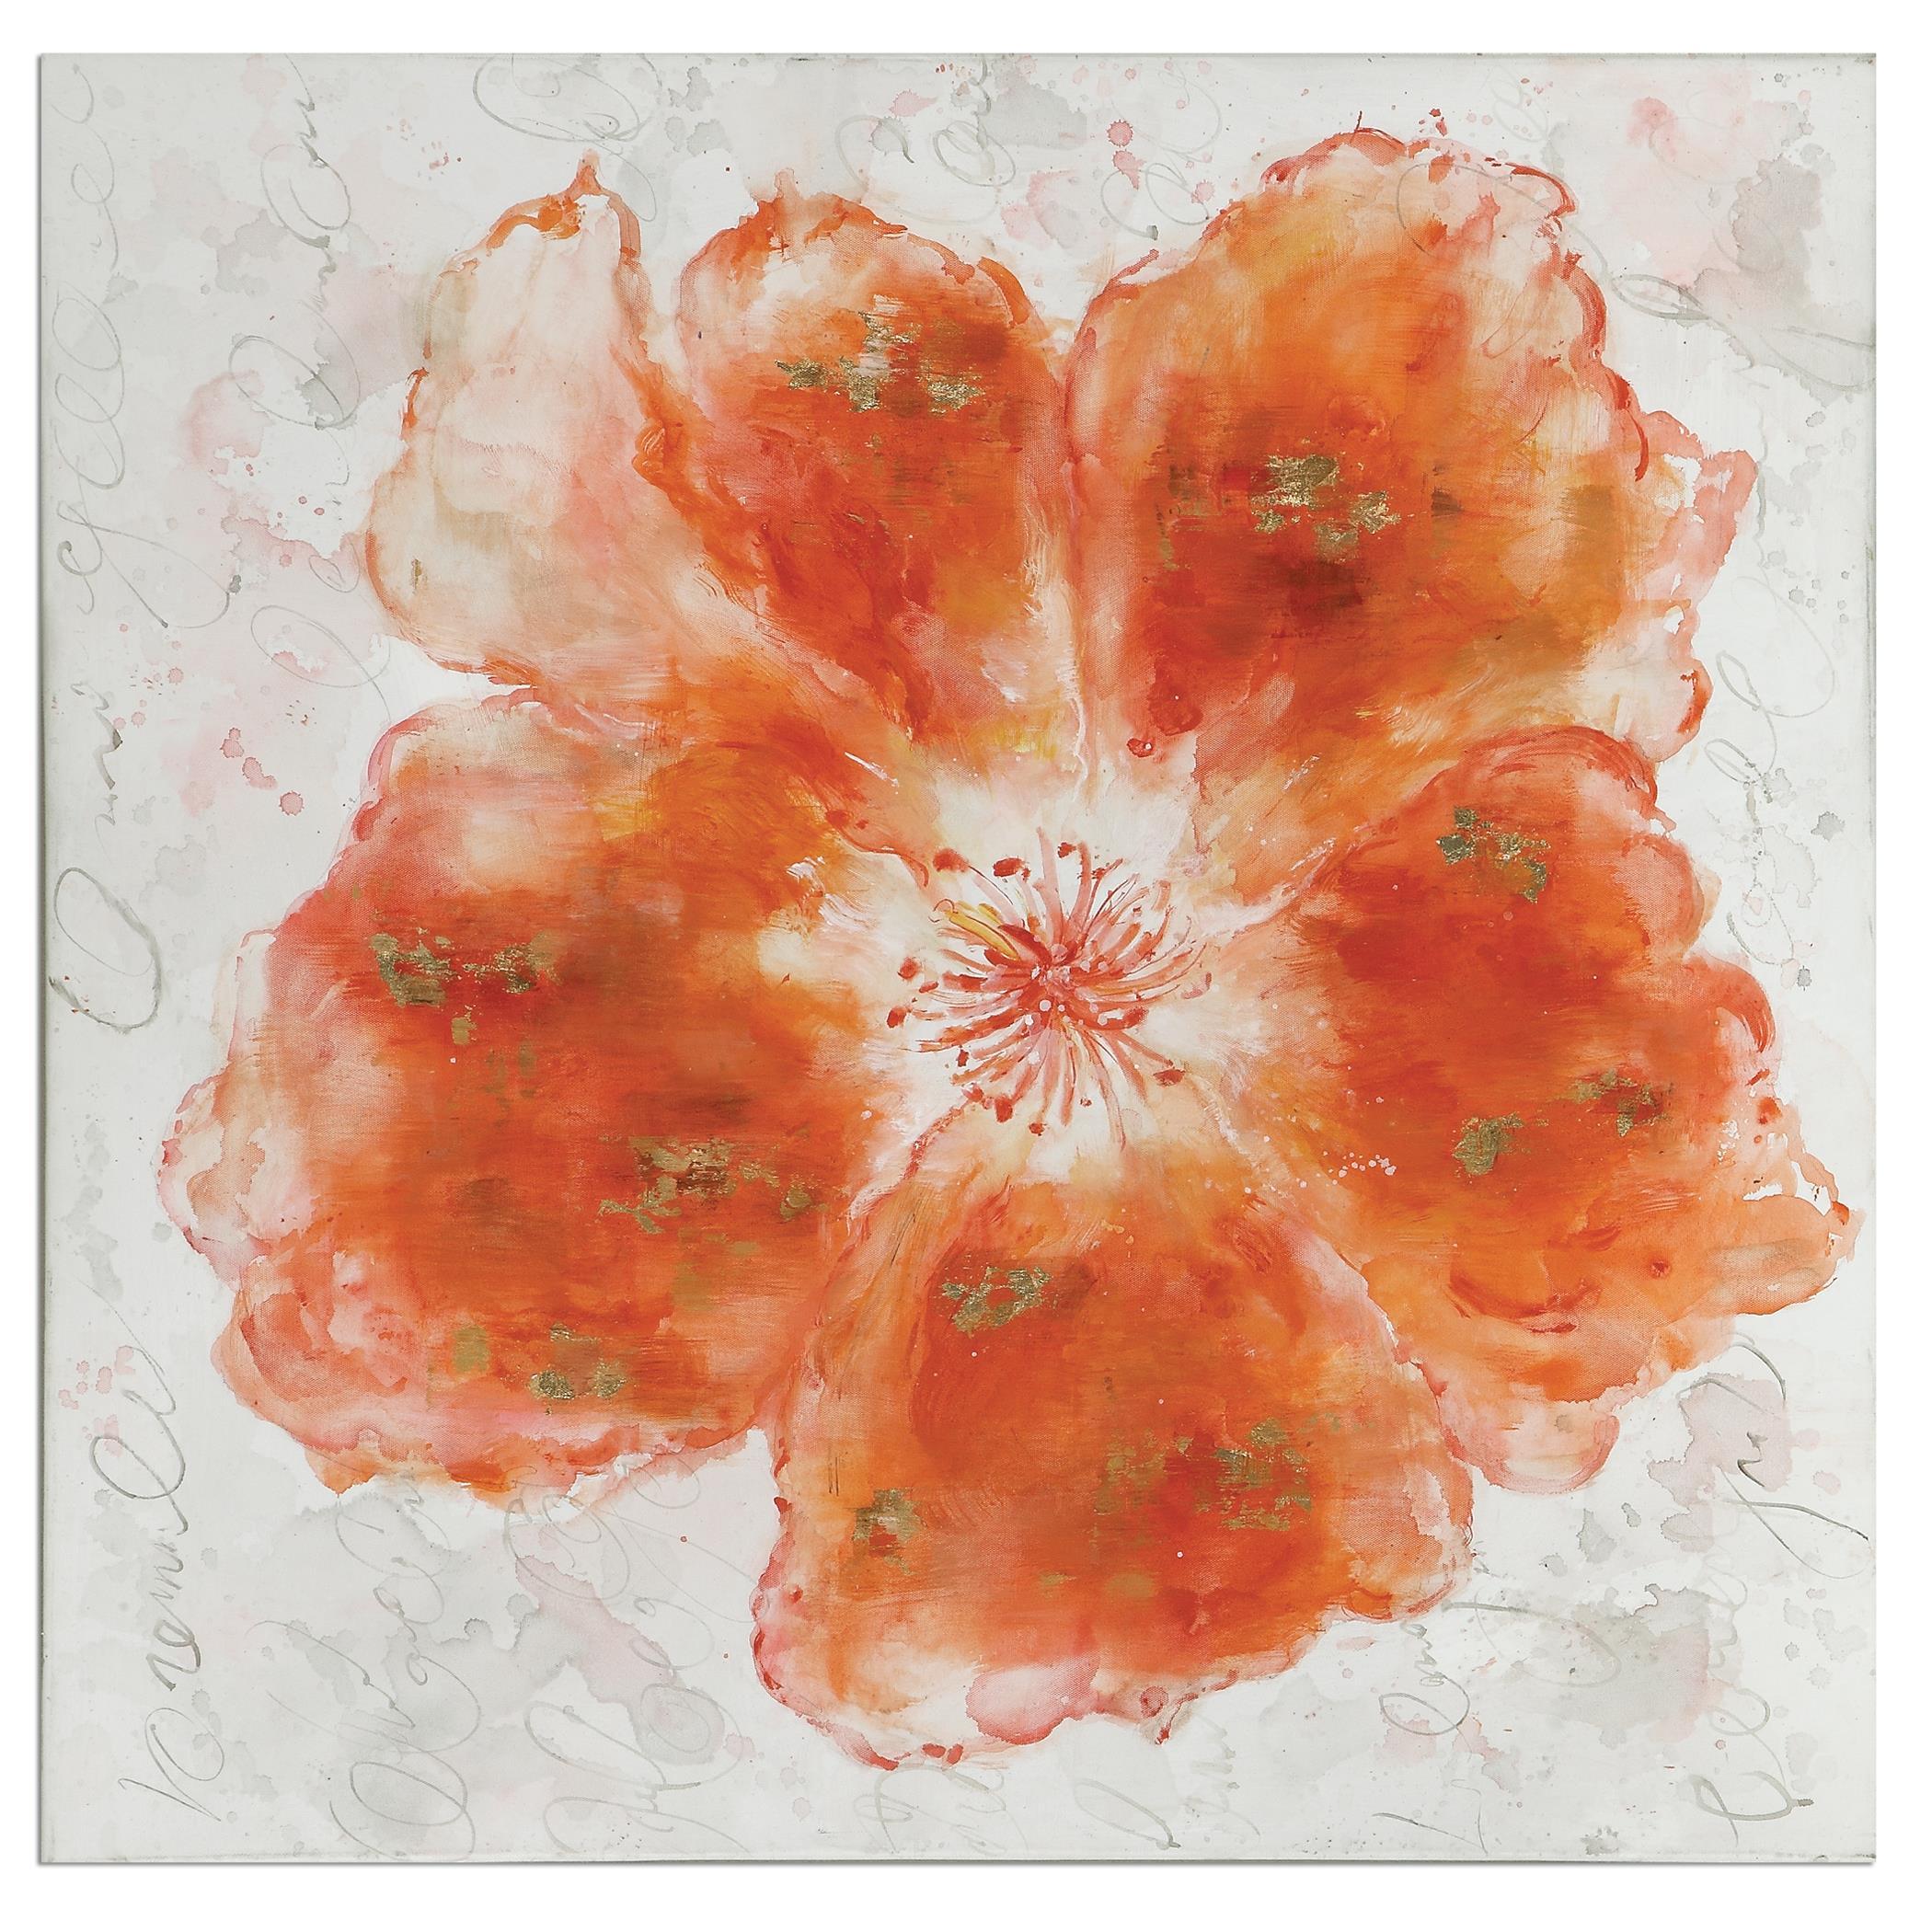 Uttermost Art Crushed Orange Floral Art - Item Number: 35323